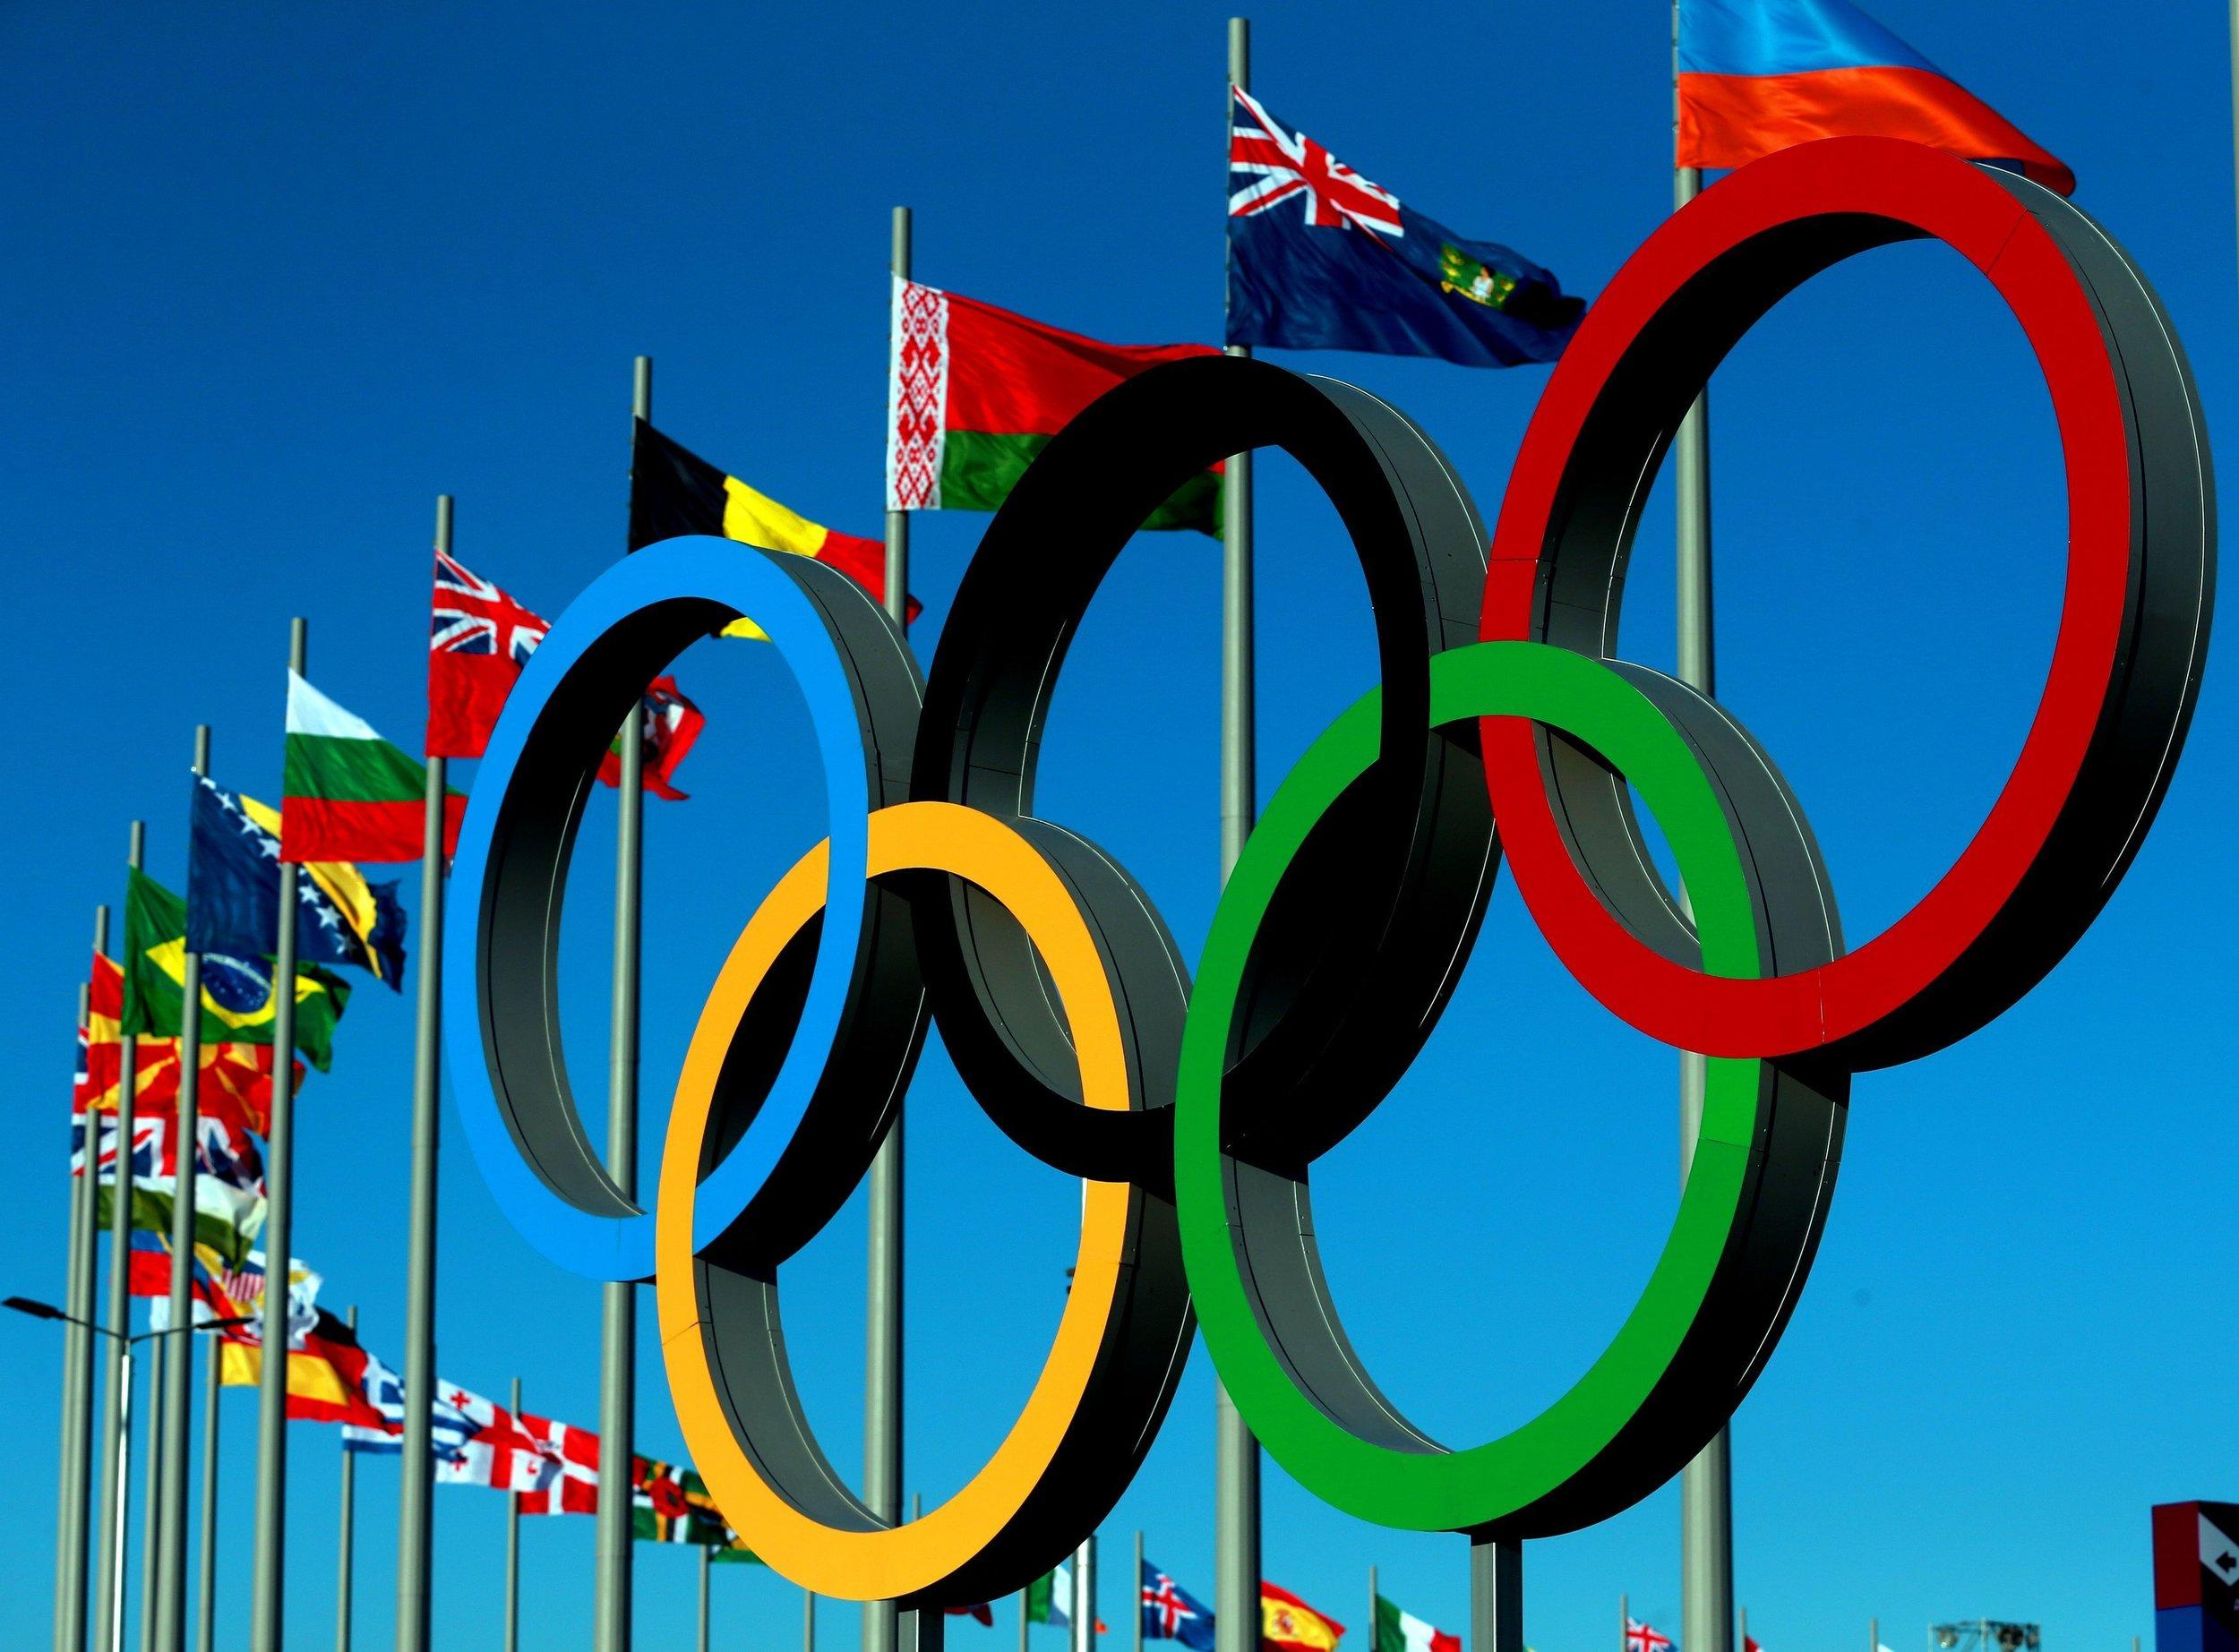 International-Olympic-Committee.jpg